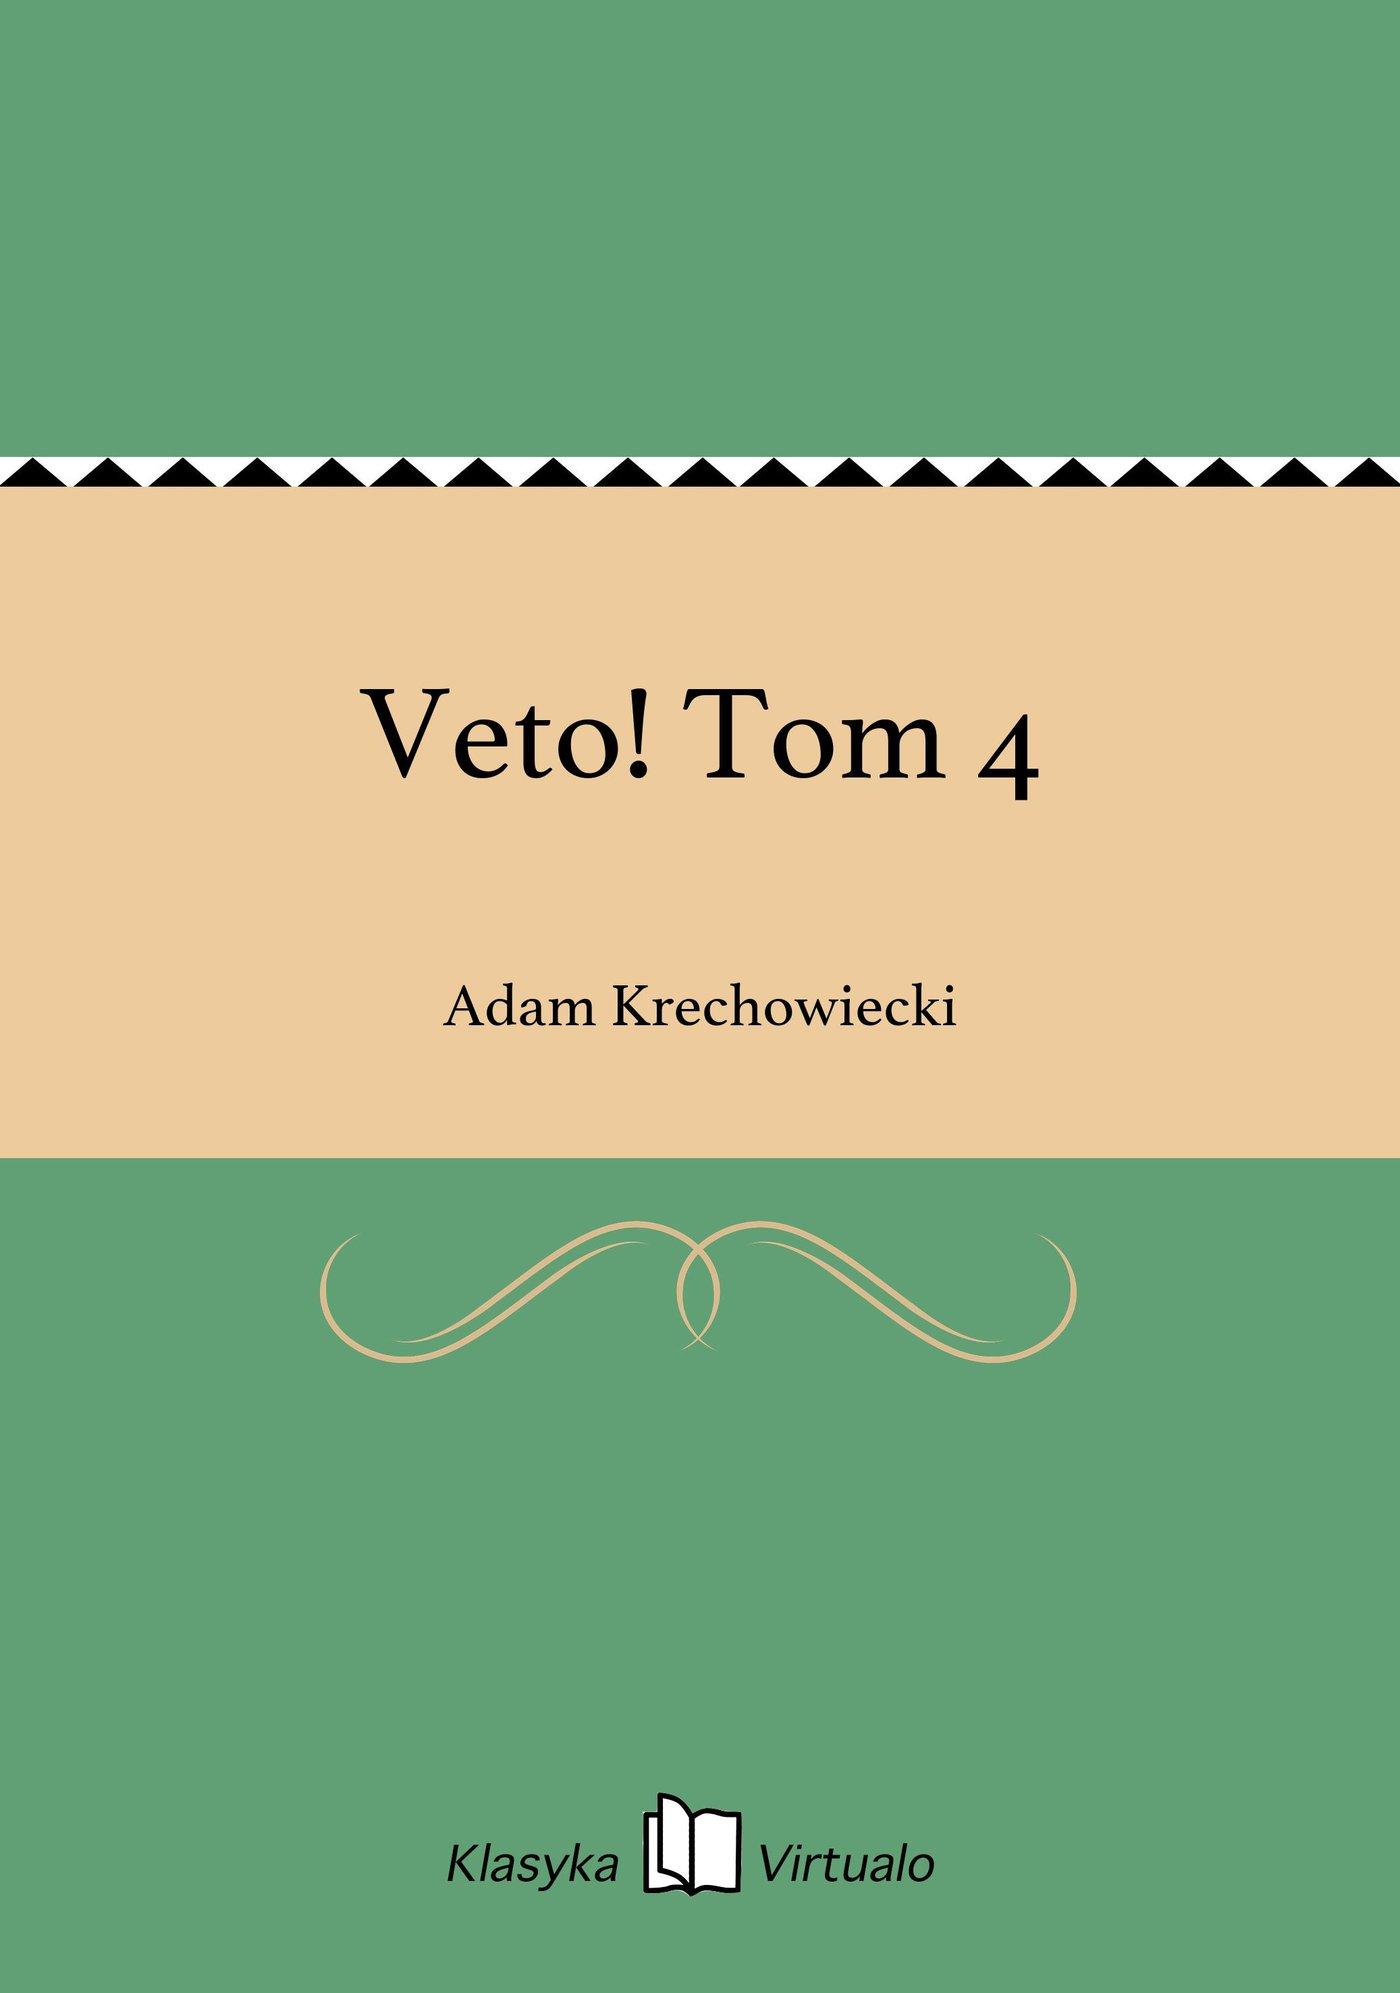 Veto! Tom 4 - Ebook (Książka EPUB) do pobrania w formacie EPUB